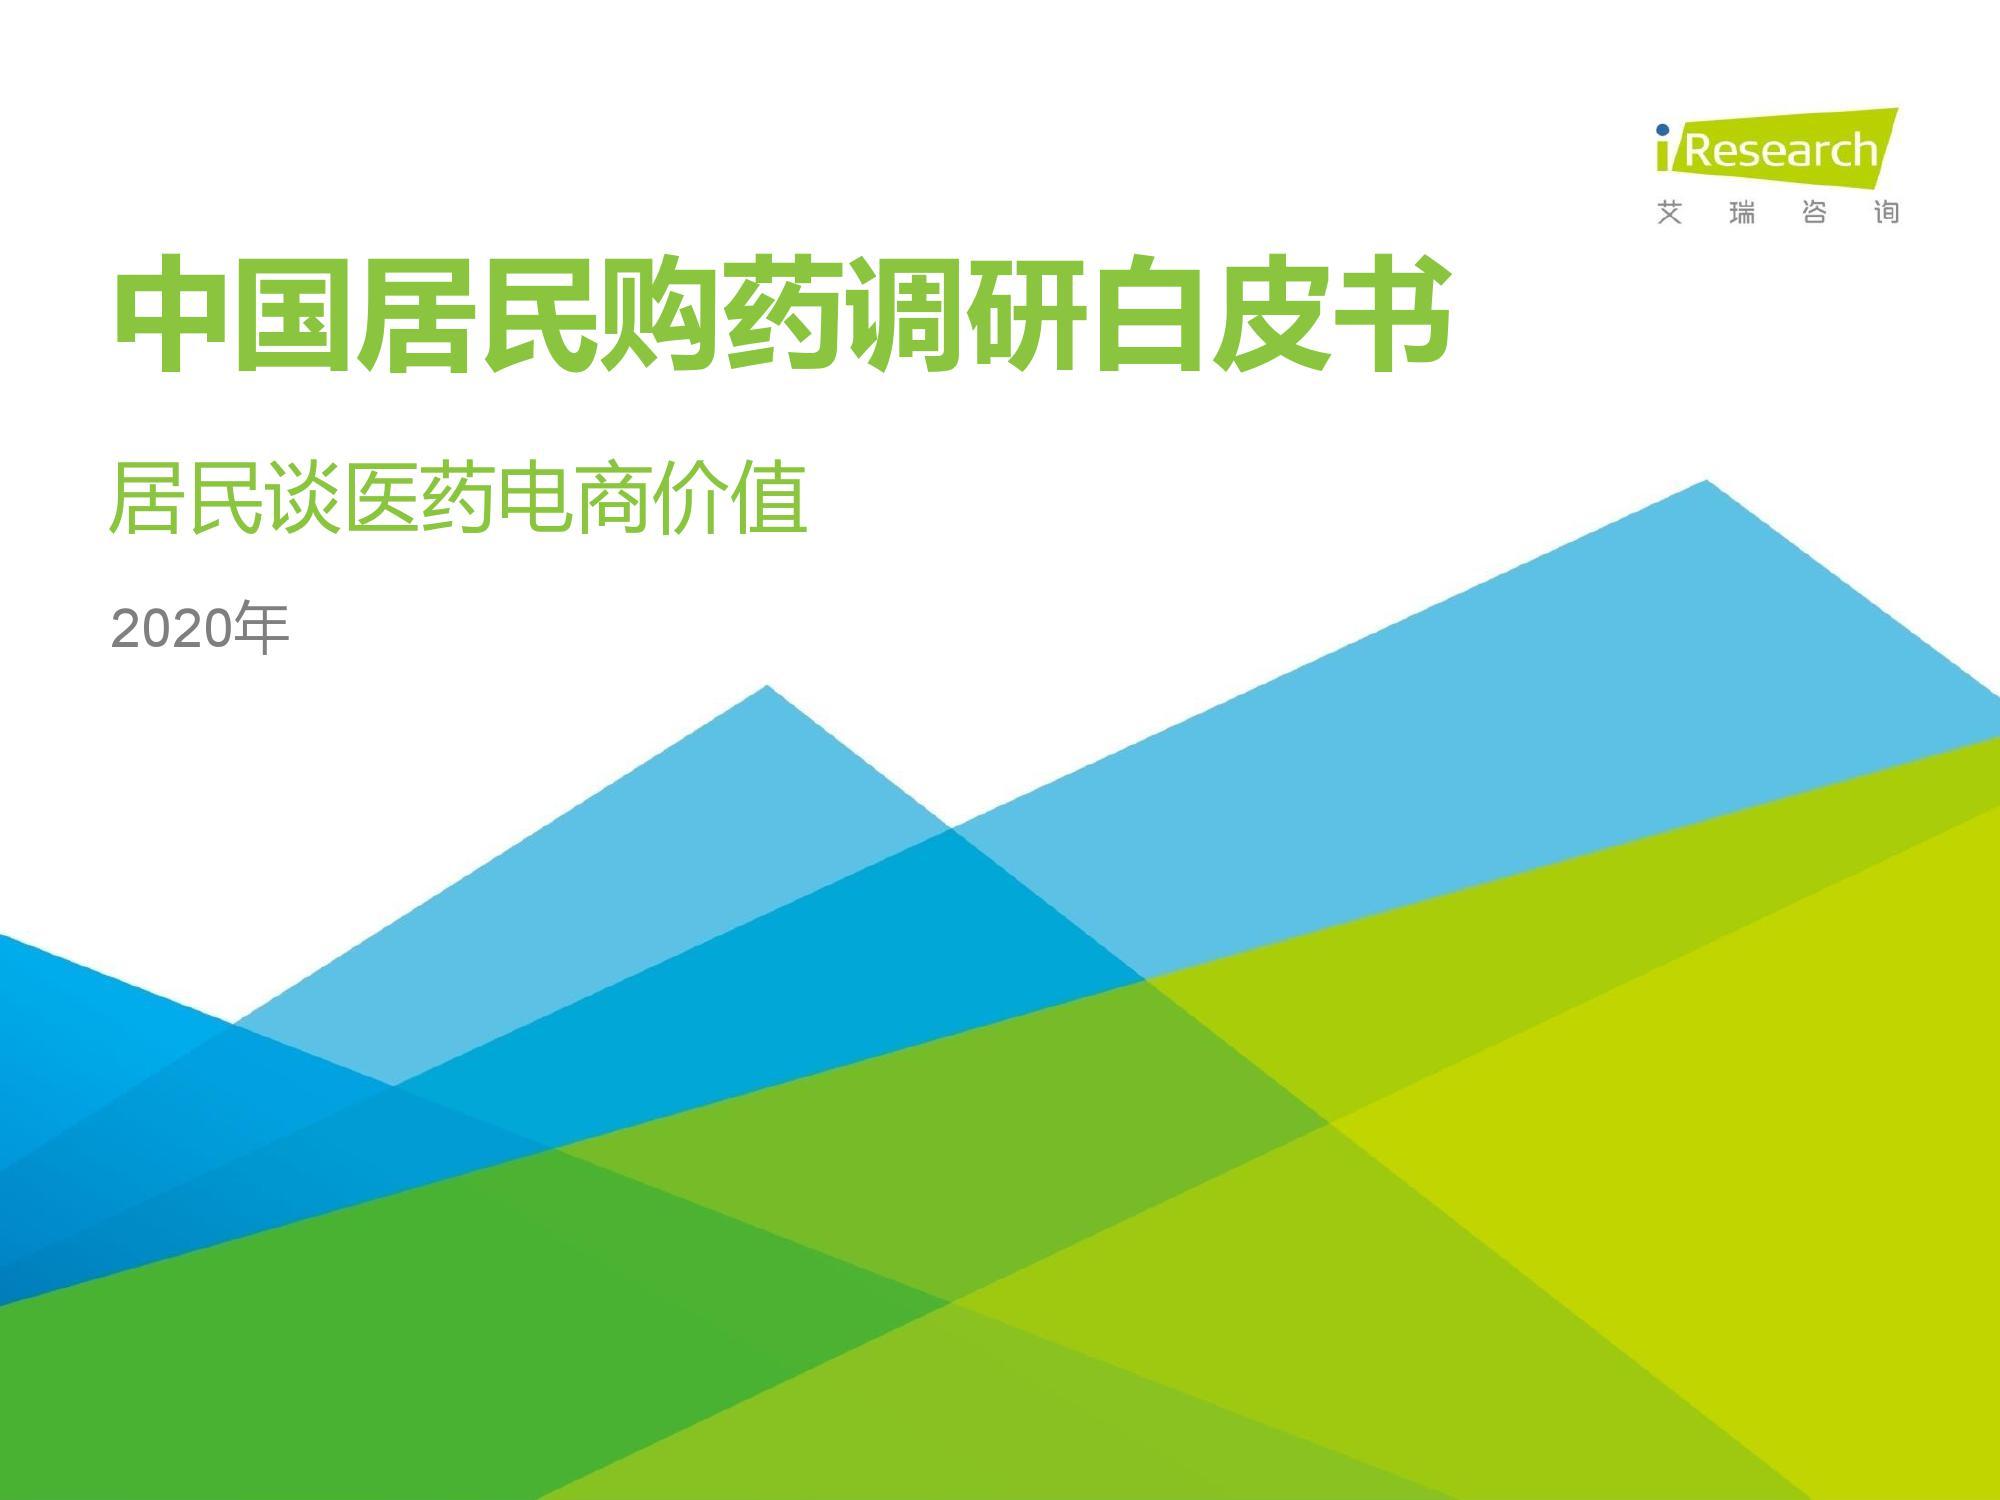 艾瑞咨询:2020年中国居民购药调研白皮书(附下载)